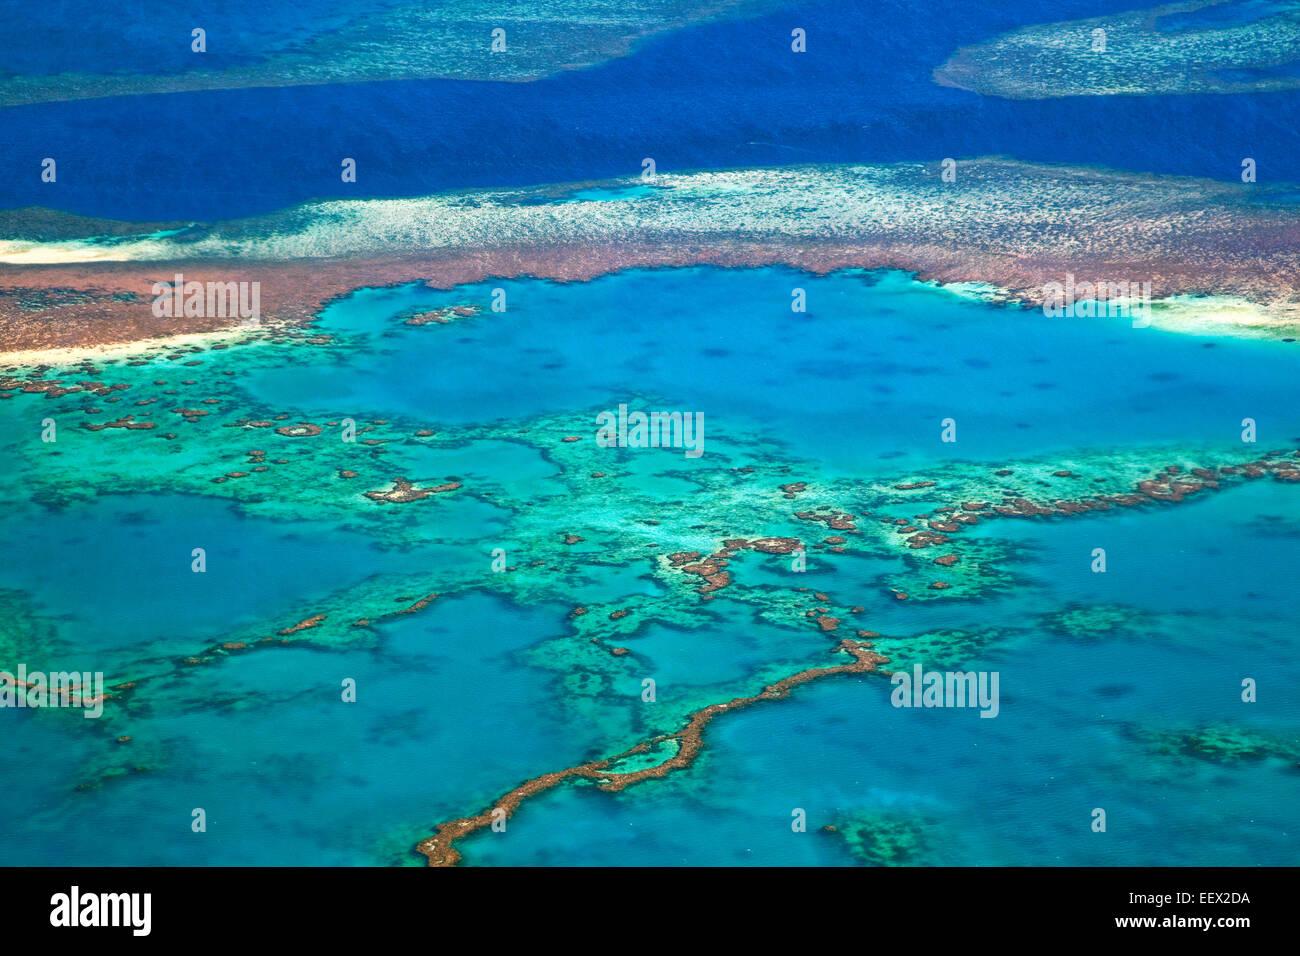 Luftaufnahme des Great Barrier Reef von den Whitsundays in der Coral Sea, Queensland, Australien Stockbild